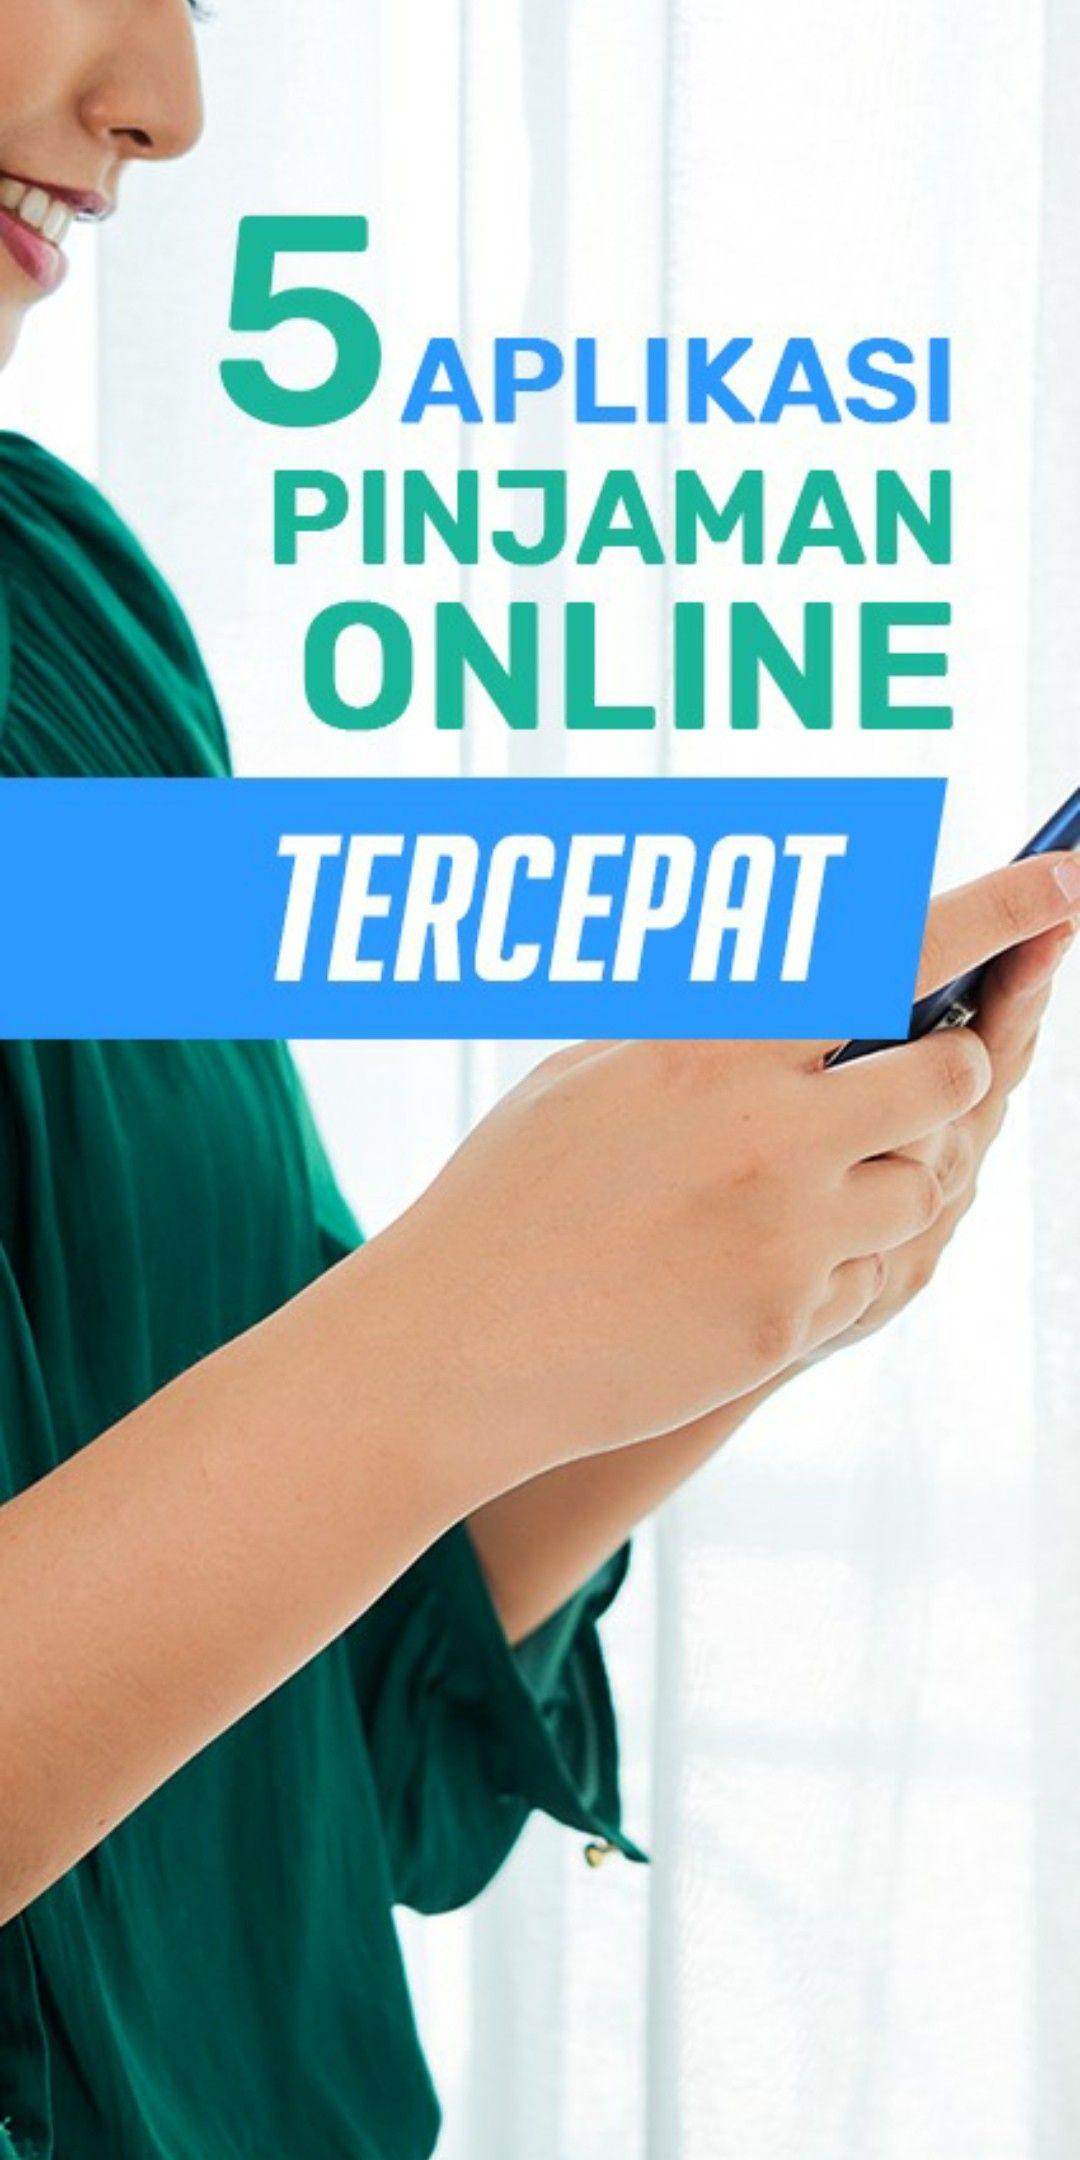 Top 5 Pinjaman Online Tercepat Diapprove Pinjaman Keuangan Aplikasi